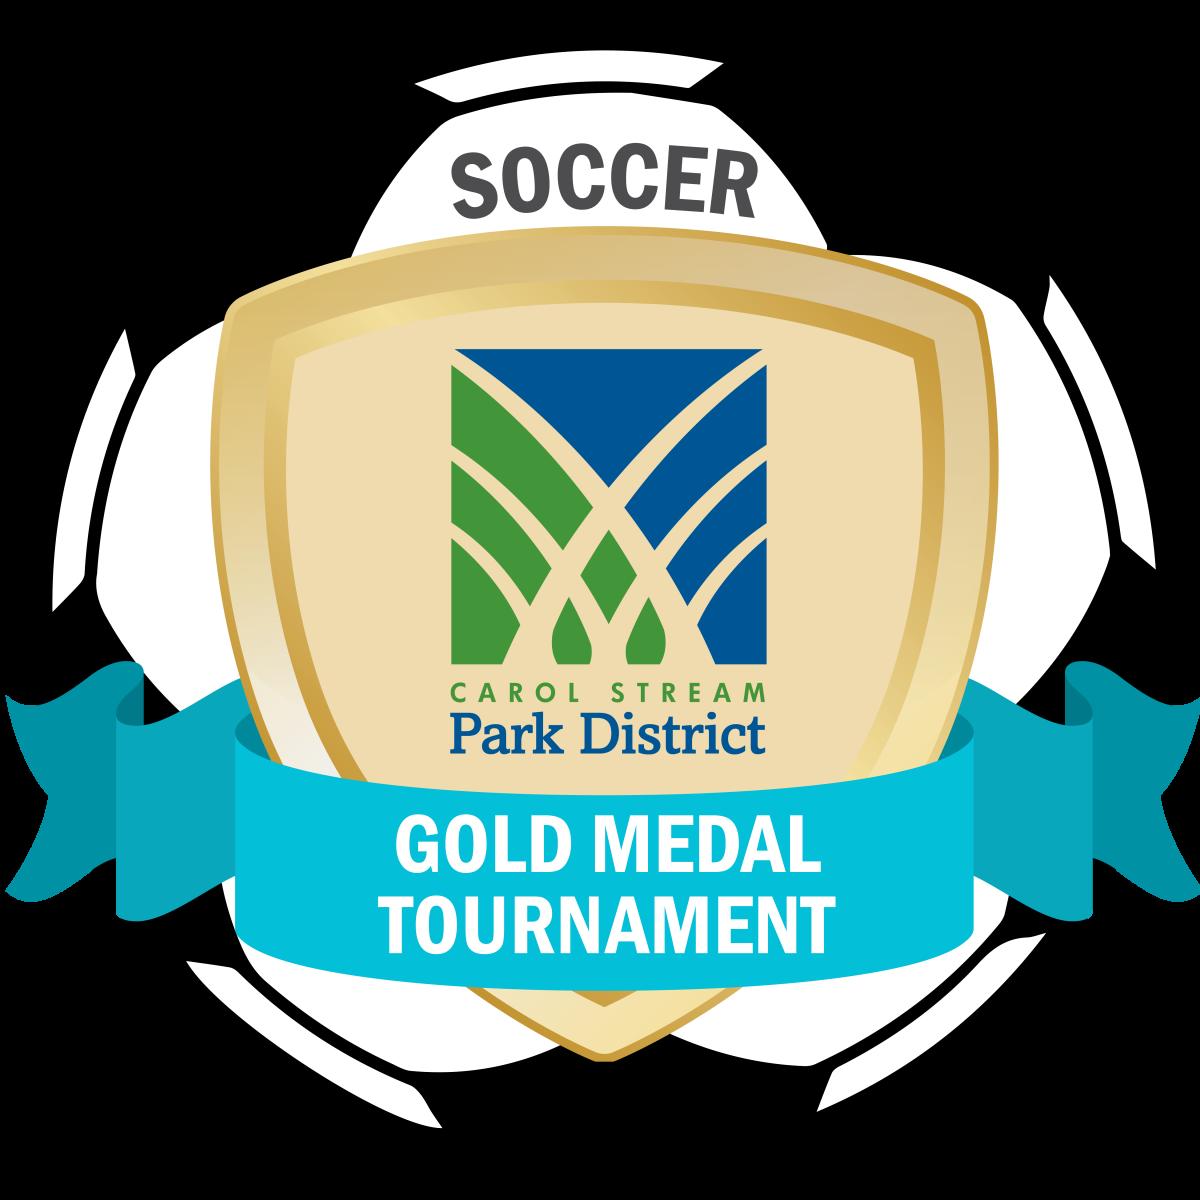 Gold Medal Soccer